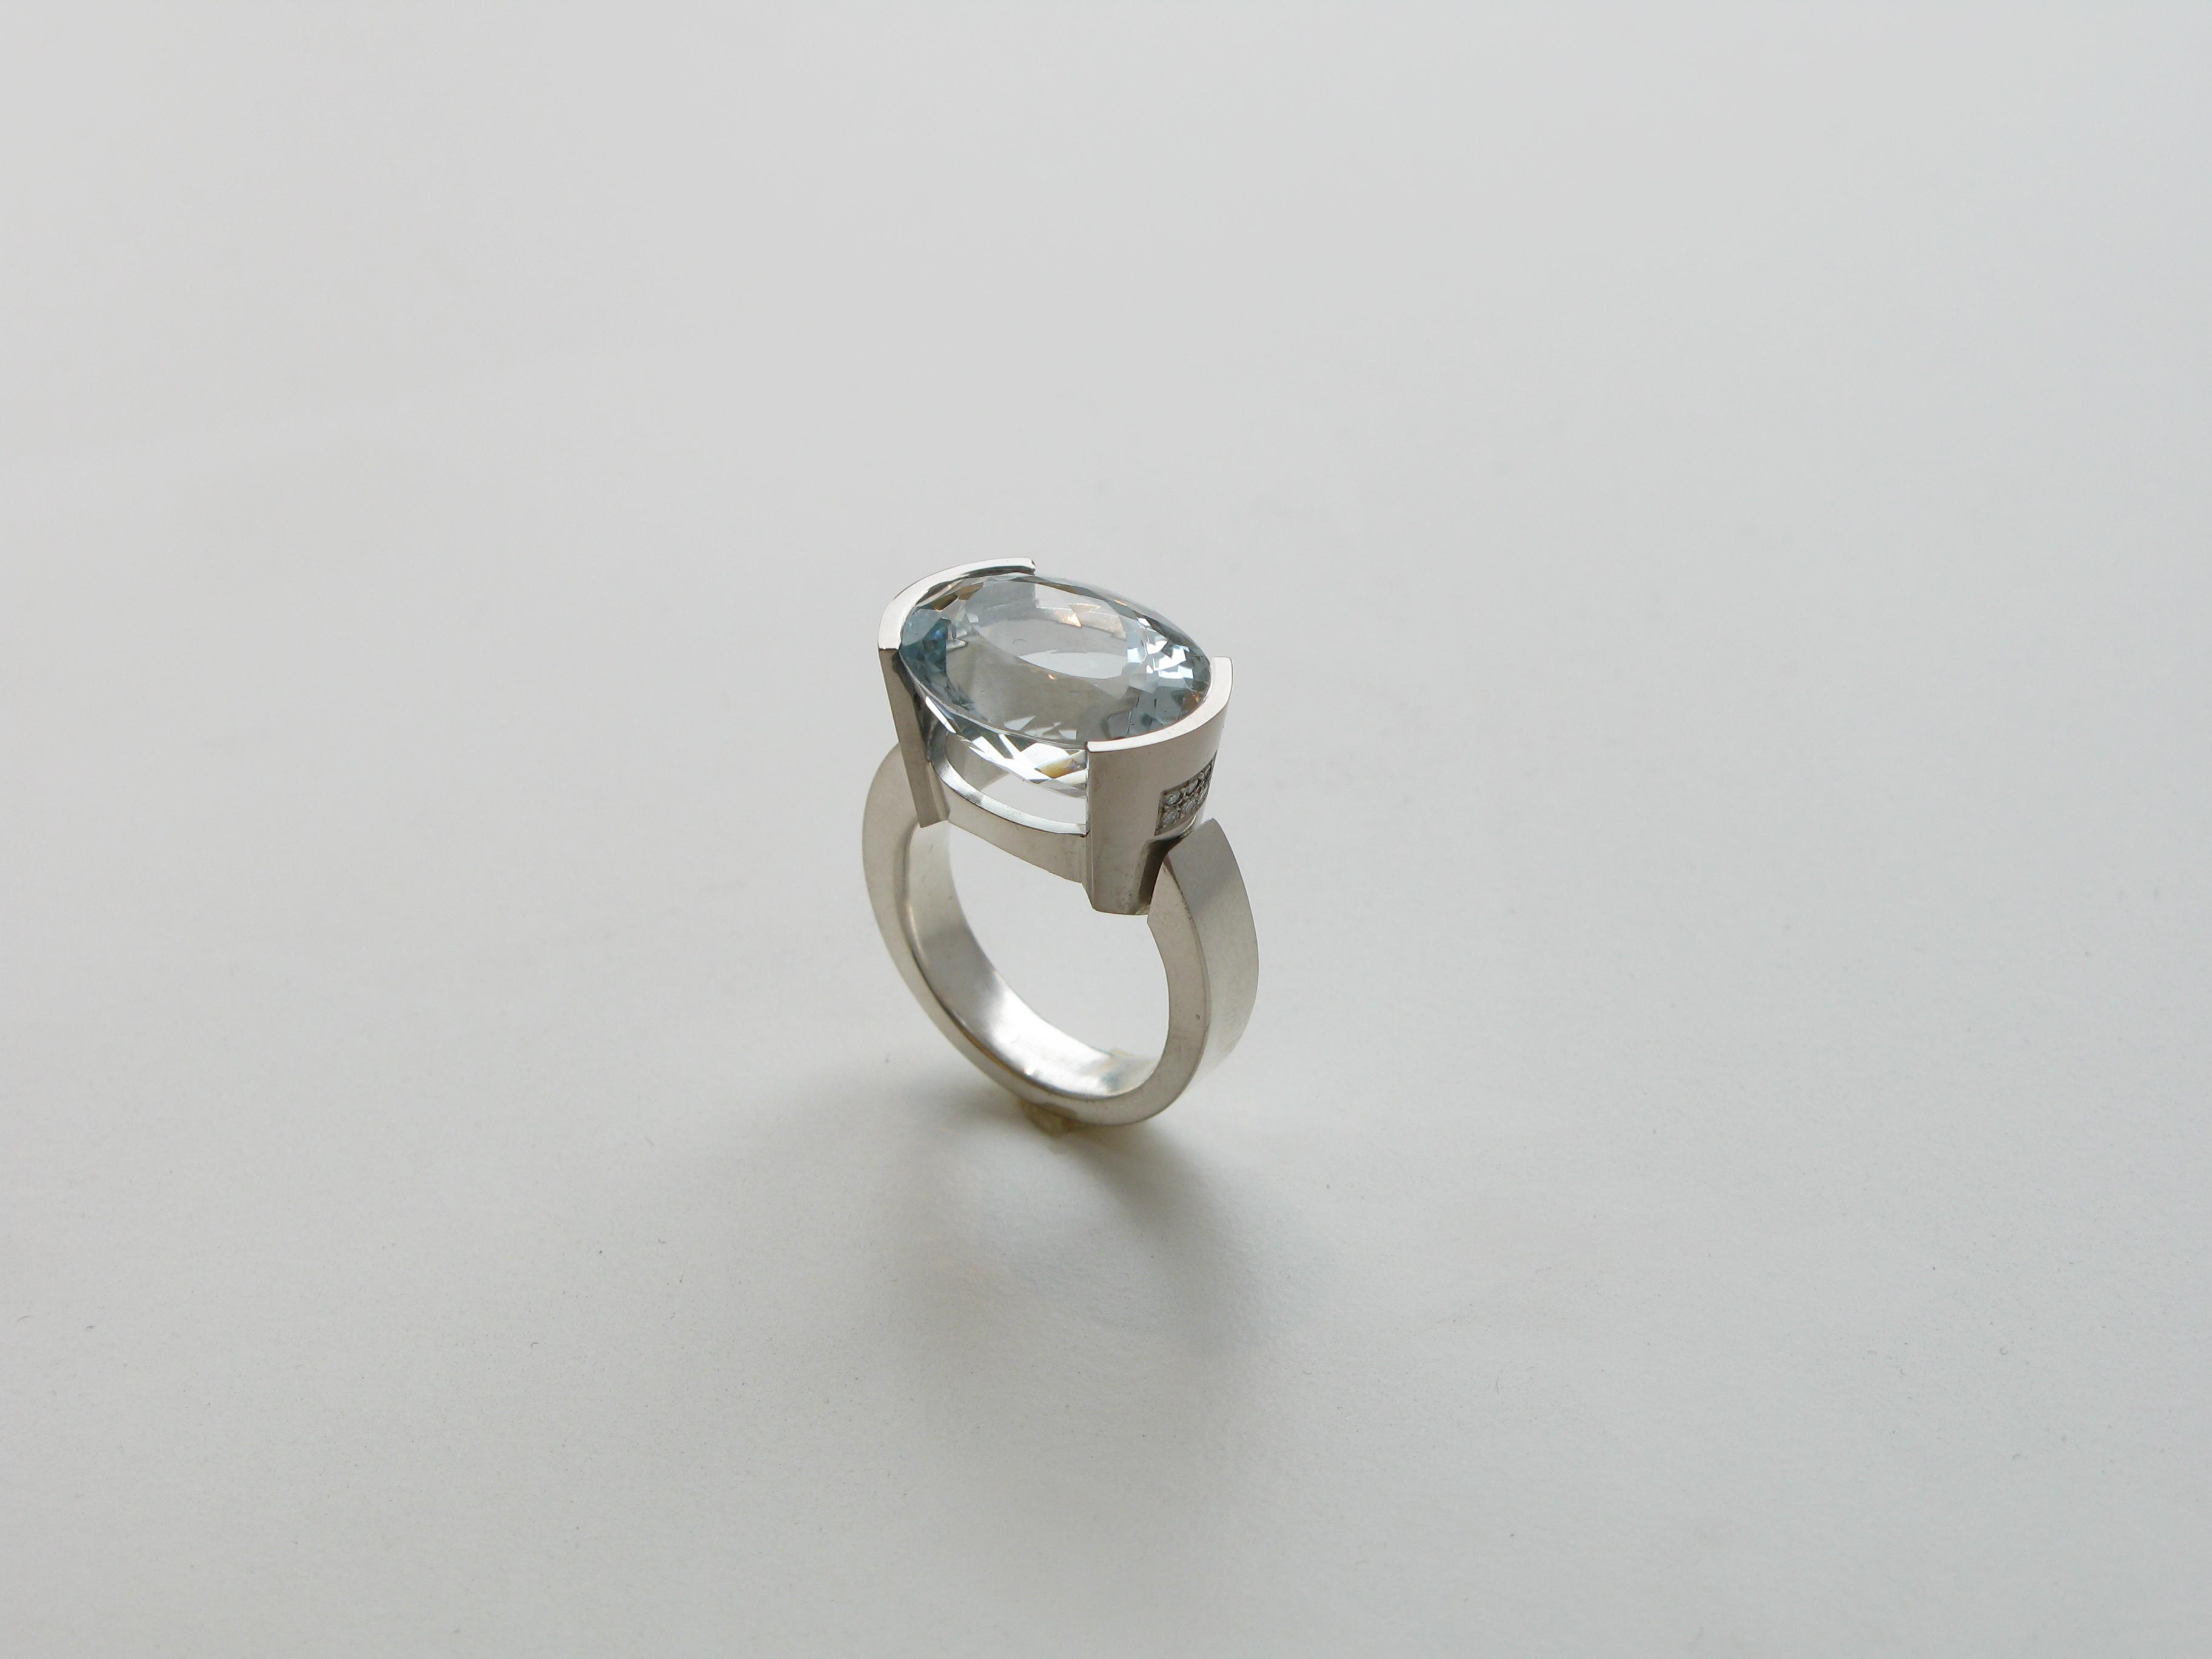 Ring, vitt guld, diamanter och akvamarin.